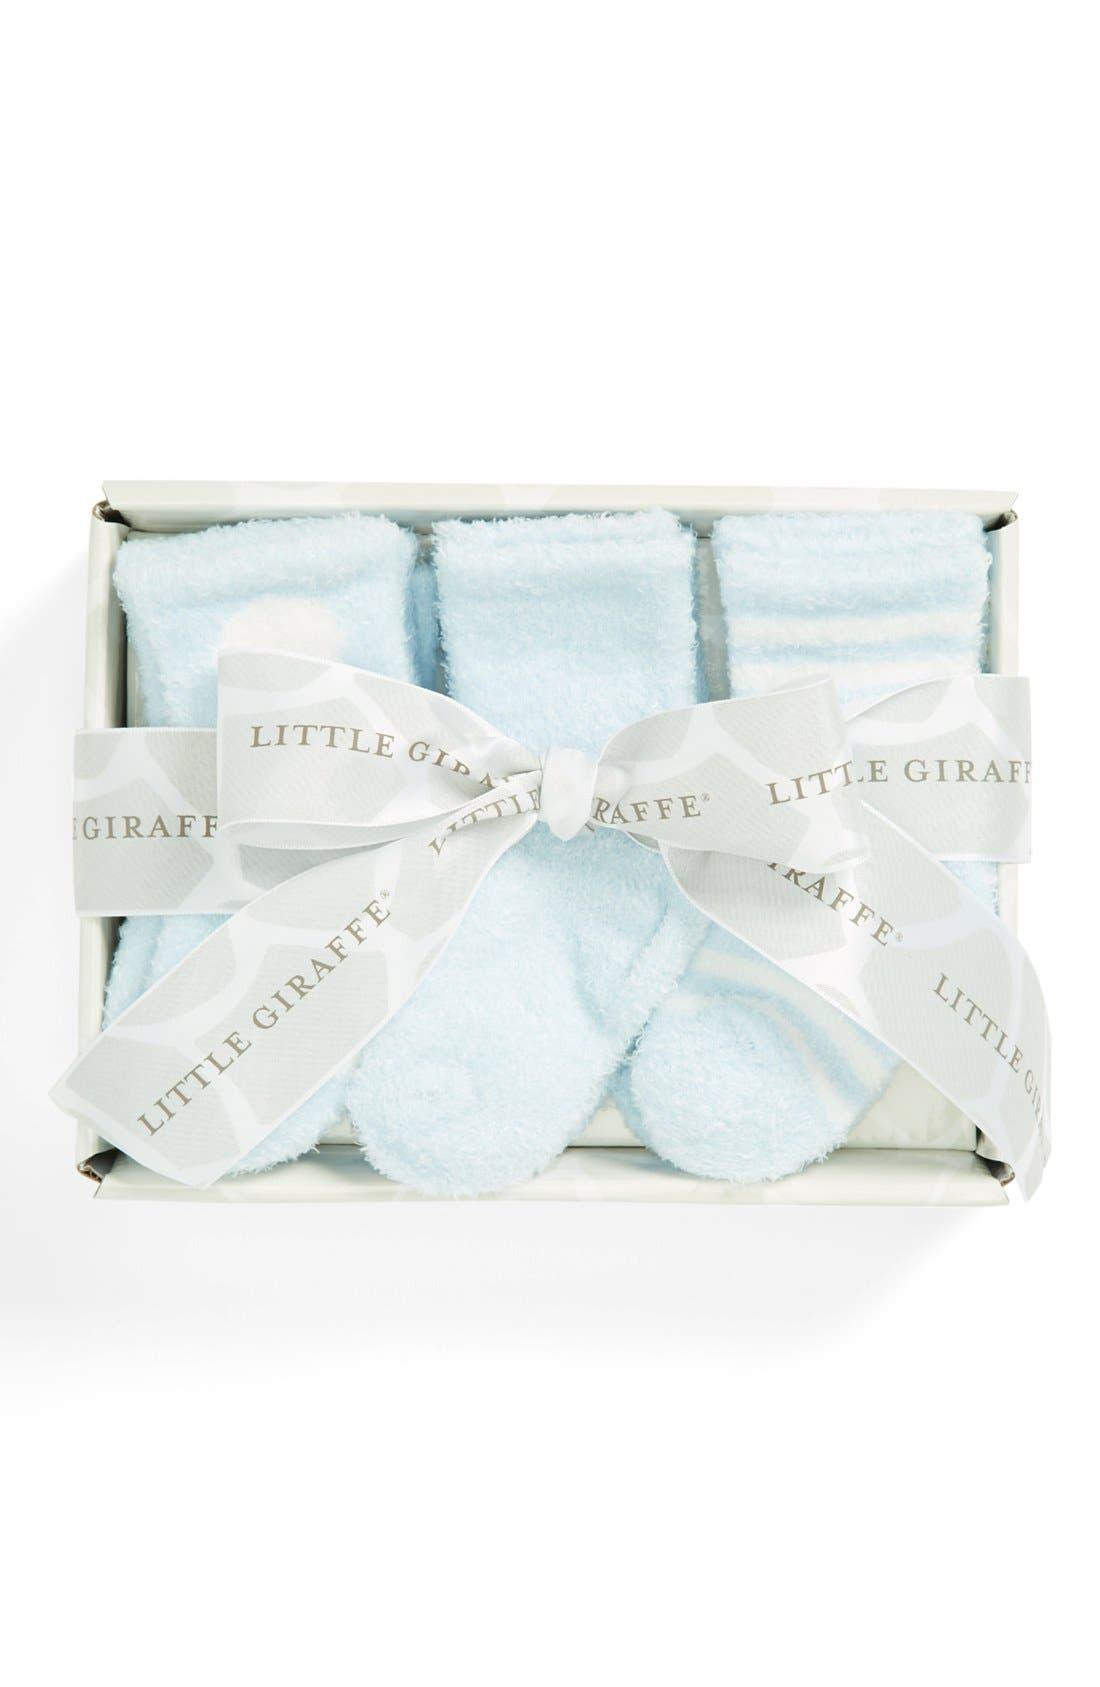 Alternate Image 1 Selected - Little Giraffe 'Box of Socks™' Set (6-Pack) (Baby Boys)